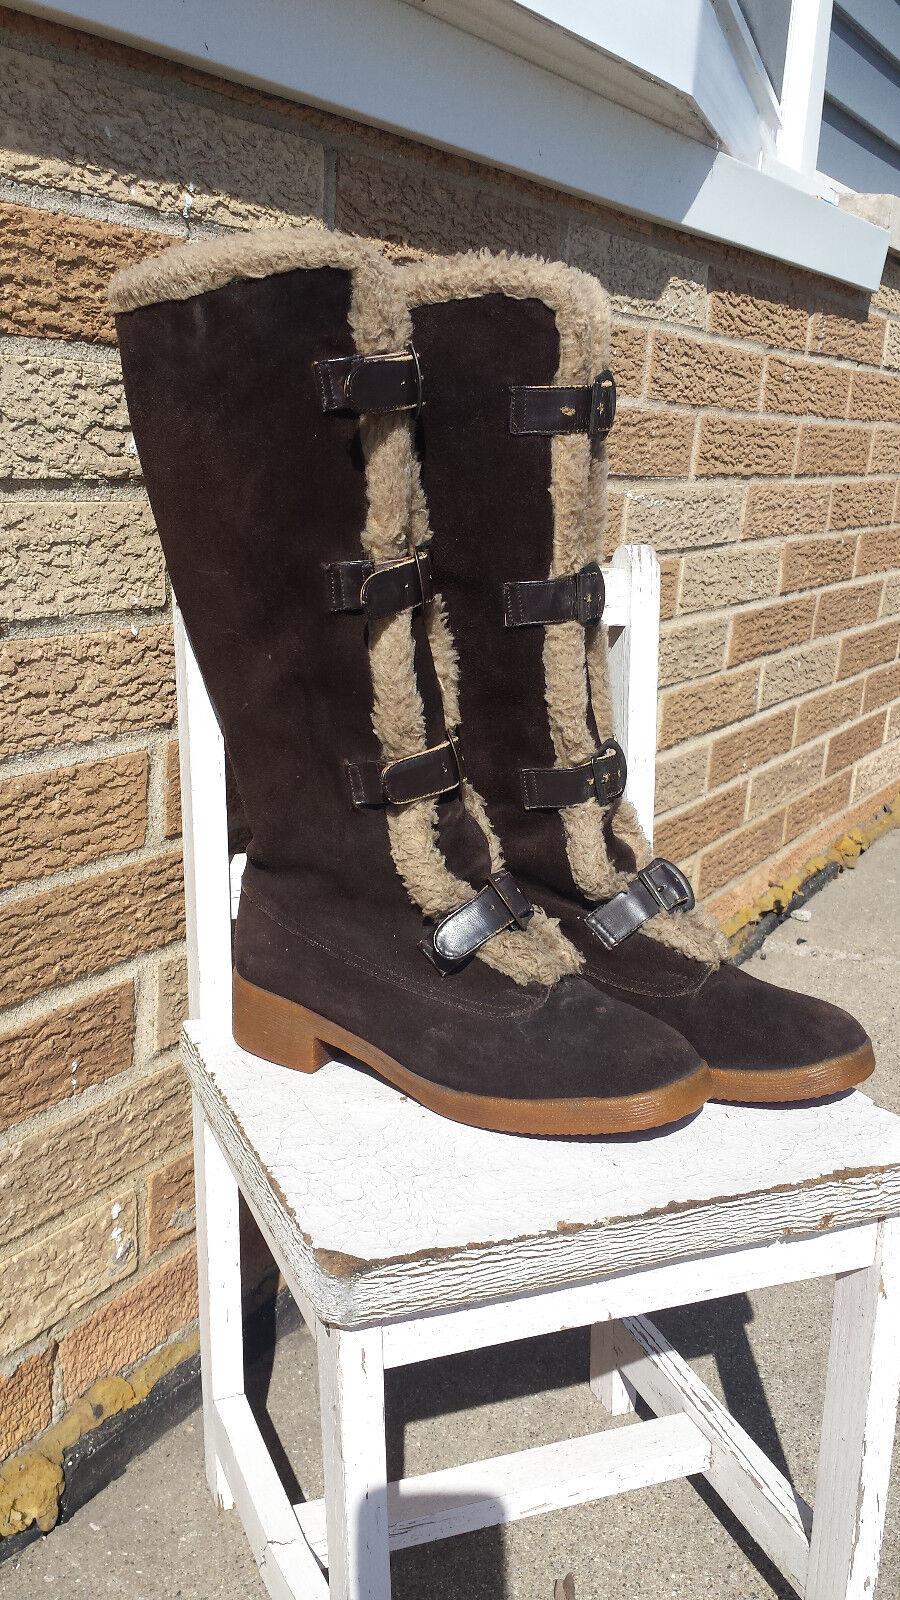 Vtg Suede Boots YUGOSLAVIA Wool Sheepskin Leather Buckle Up Ladies Ladies Ladies 7.5 Bavaria 7c391b